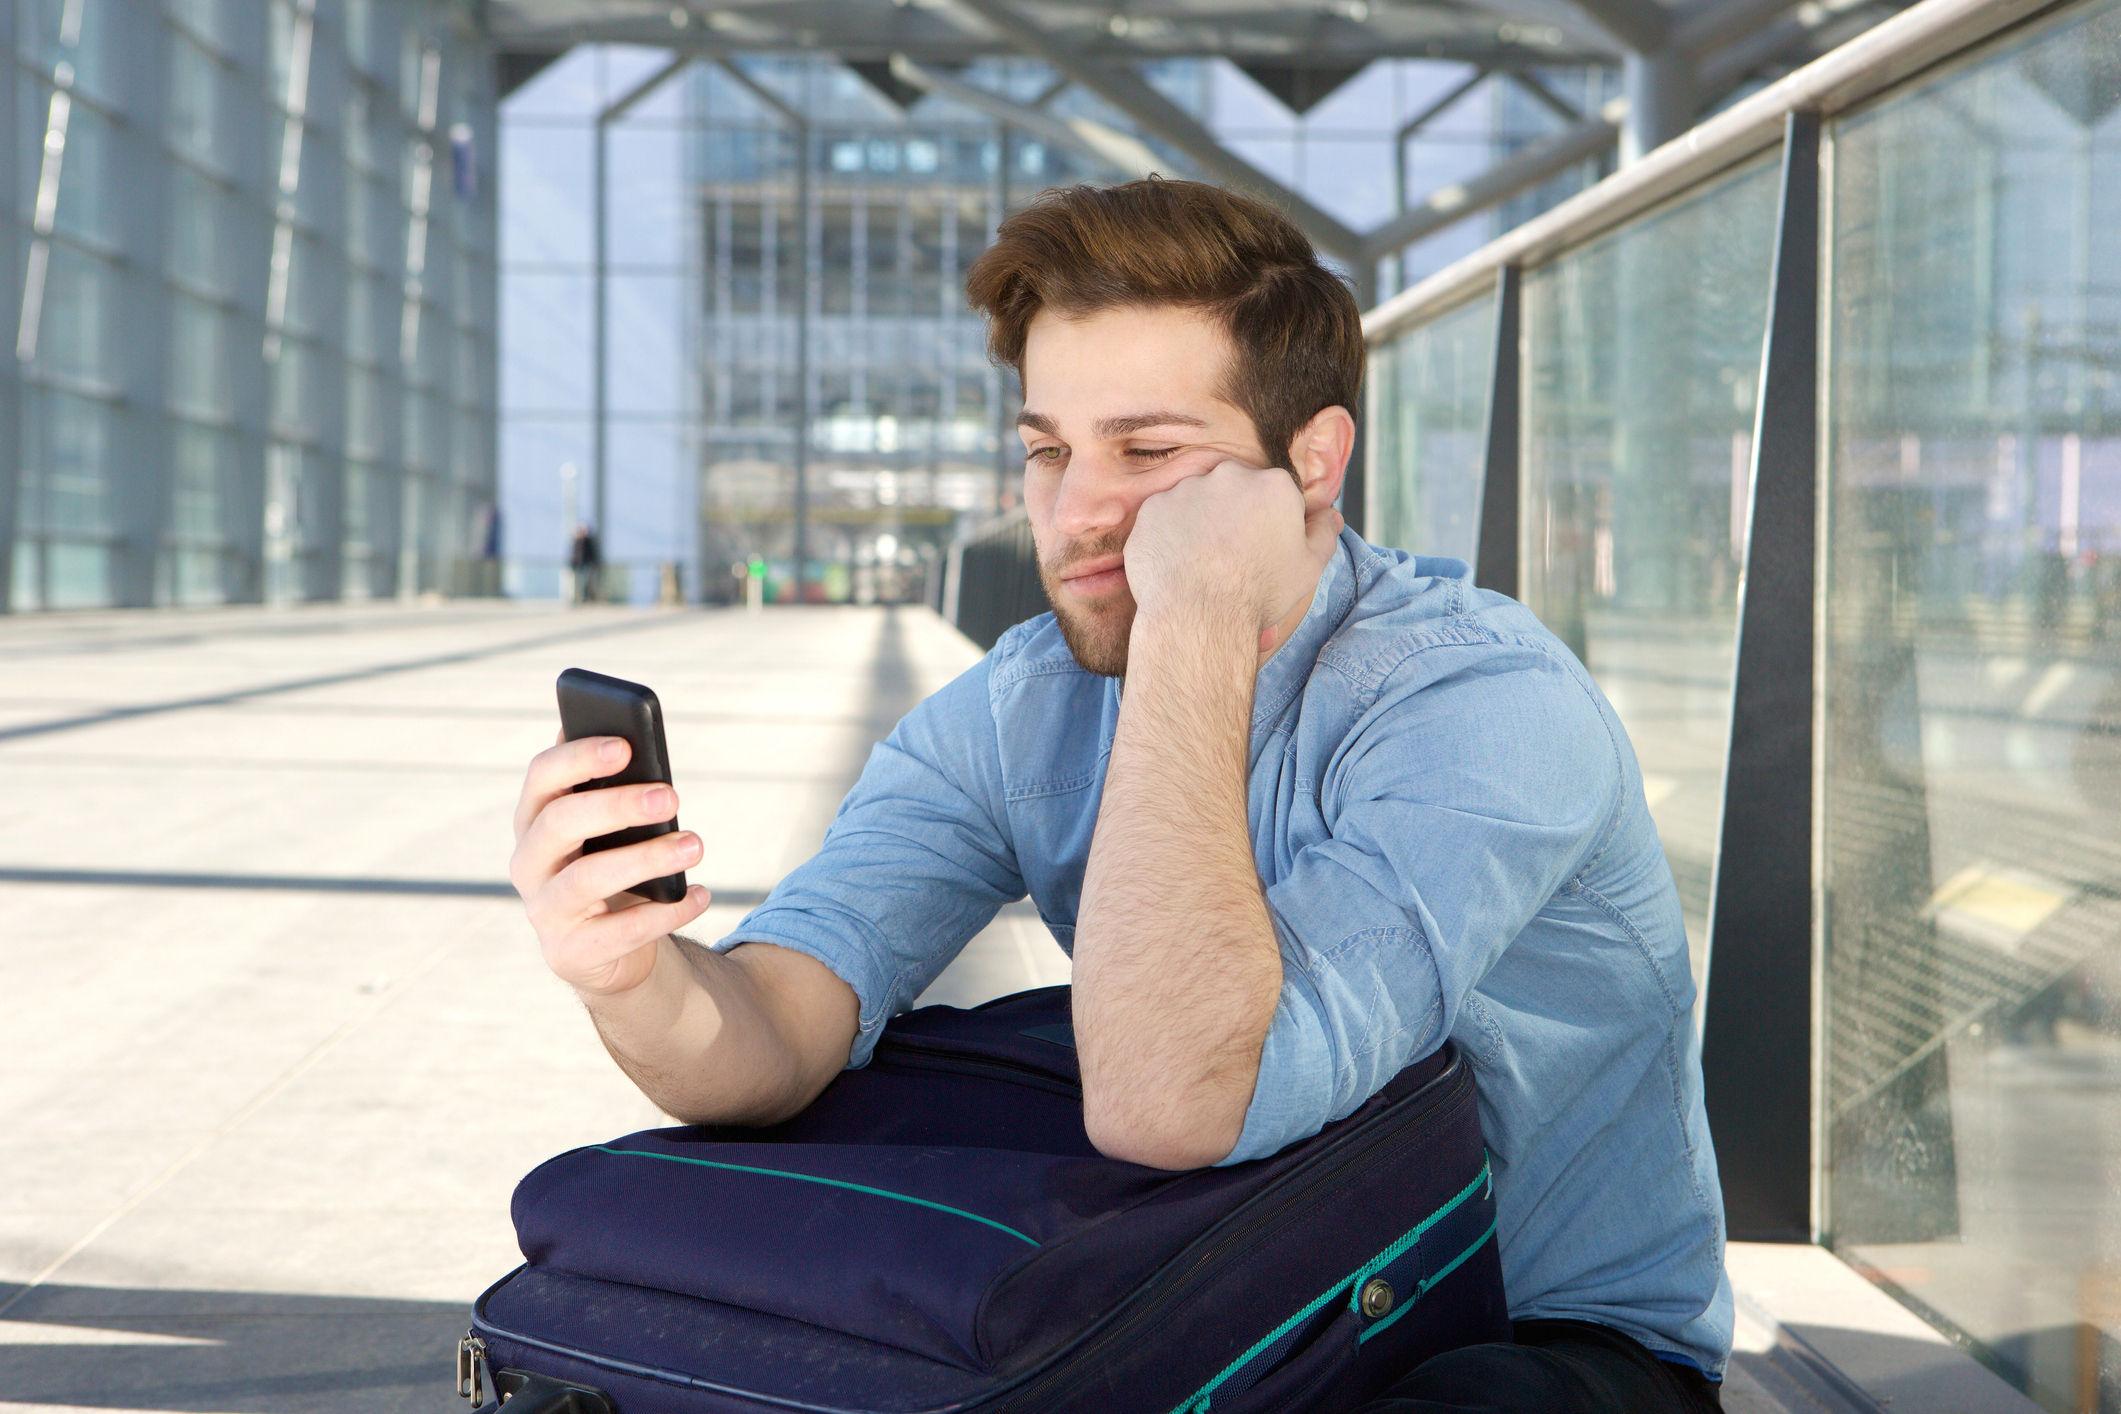 Mensch schaut gelangweilt auf sein Smartphone